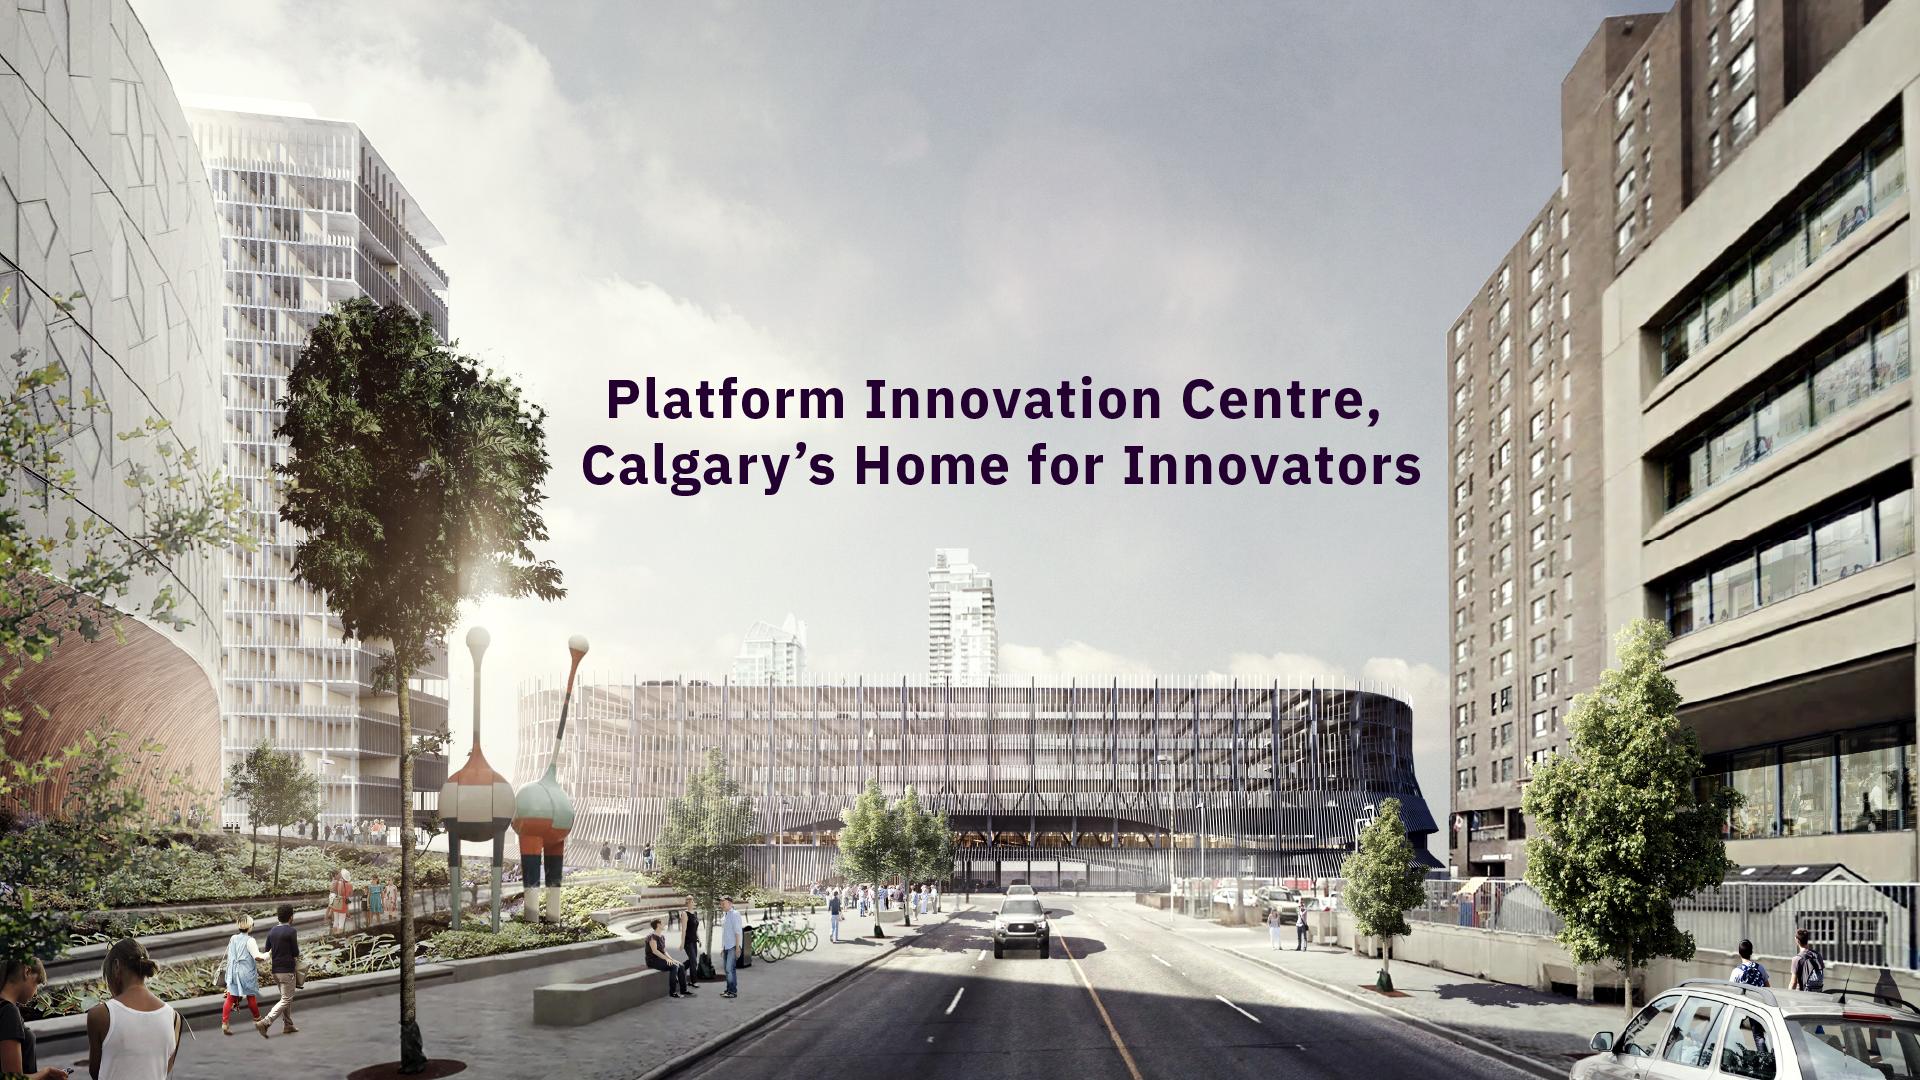 Platform Innovation Centre